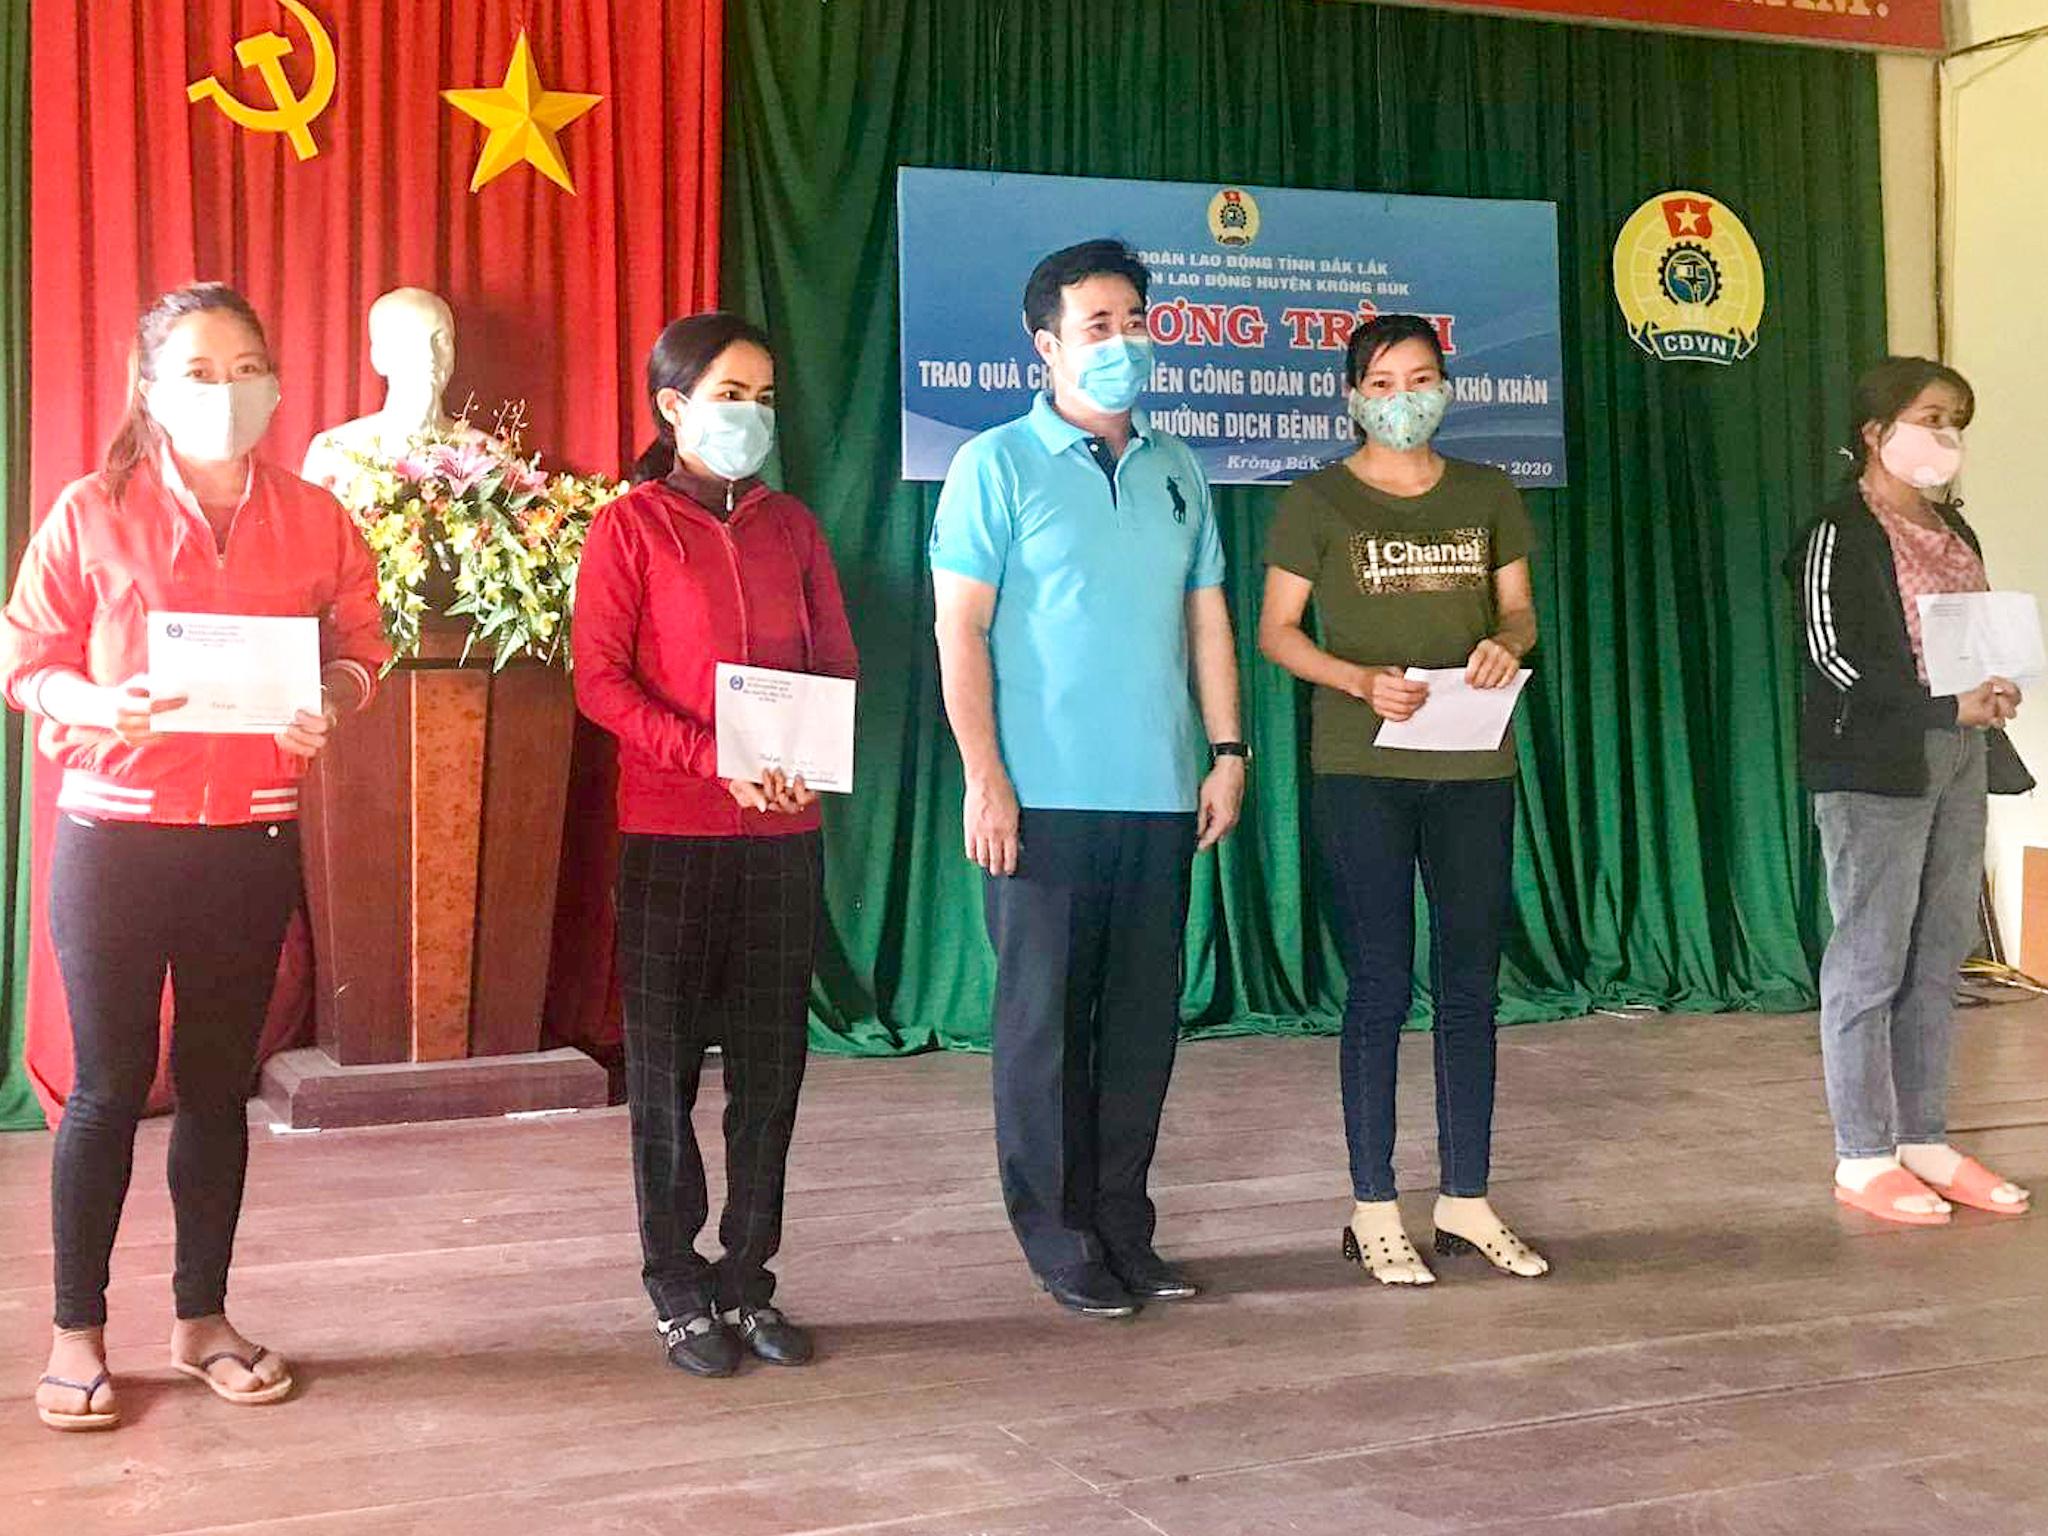 Hơn 5.000 lao động của Đắk Lắk bị mất việc bởi dịch COVID-19